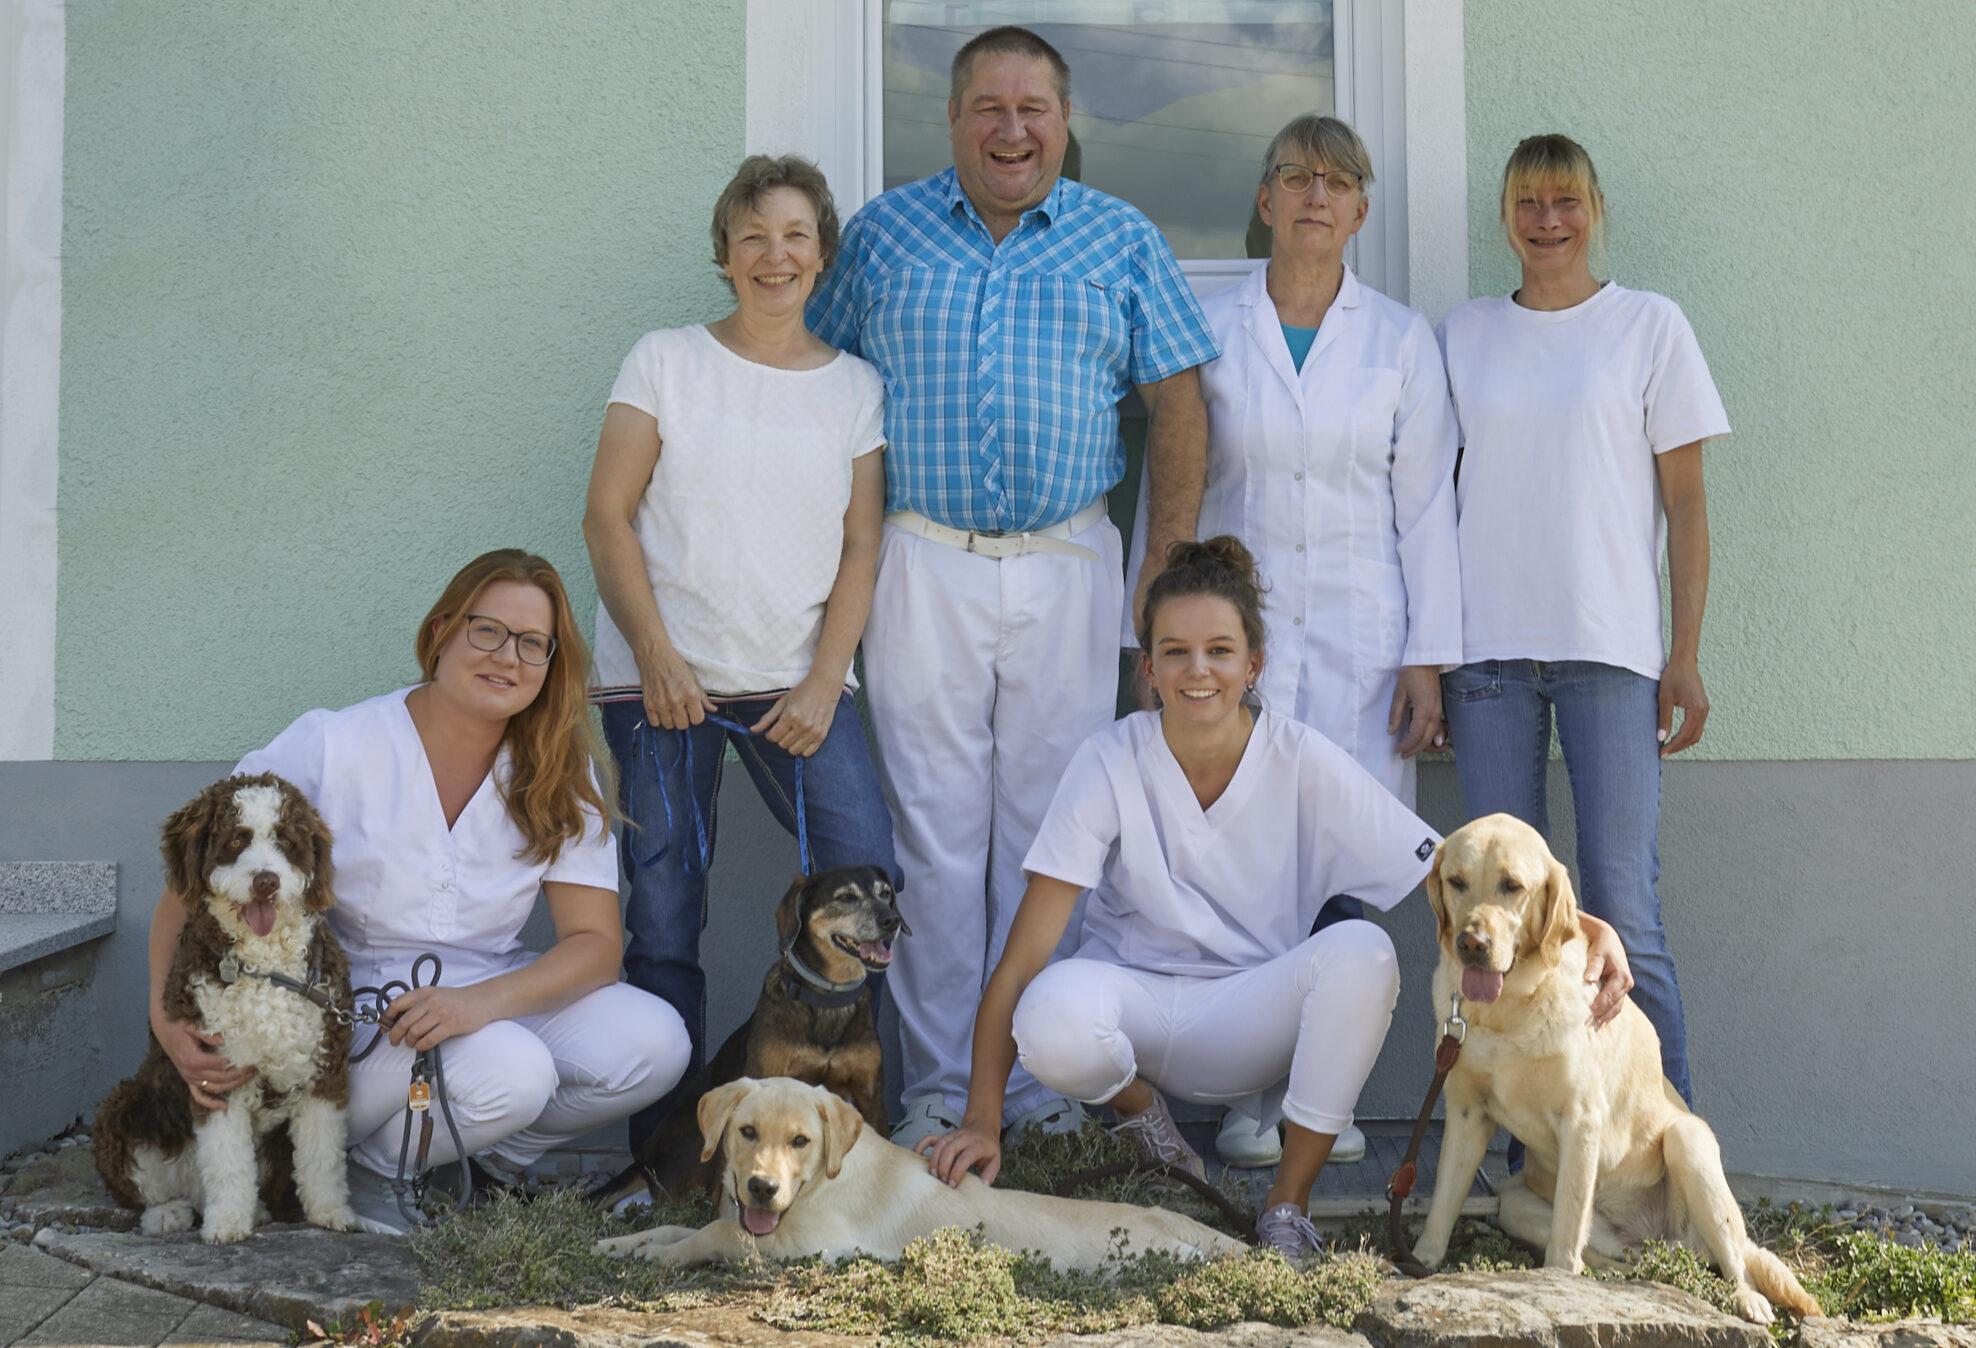 Mit Sorgfalt. Mit Wissen. Mit Erfahrung. Mit Liebe. Das Team der Tierarztpraxis Dr. Gerhard Heim in Scheinfeld.